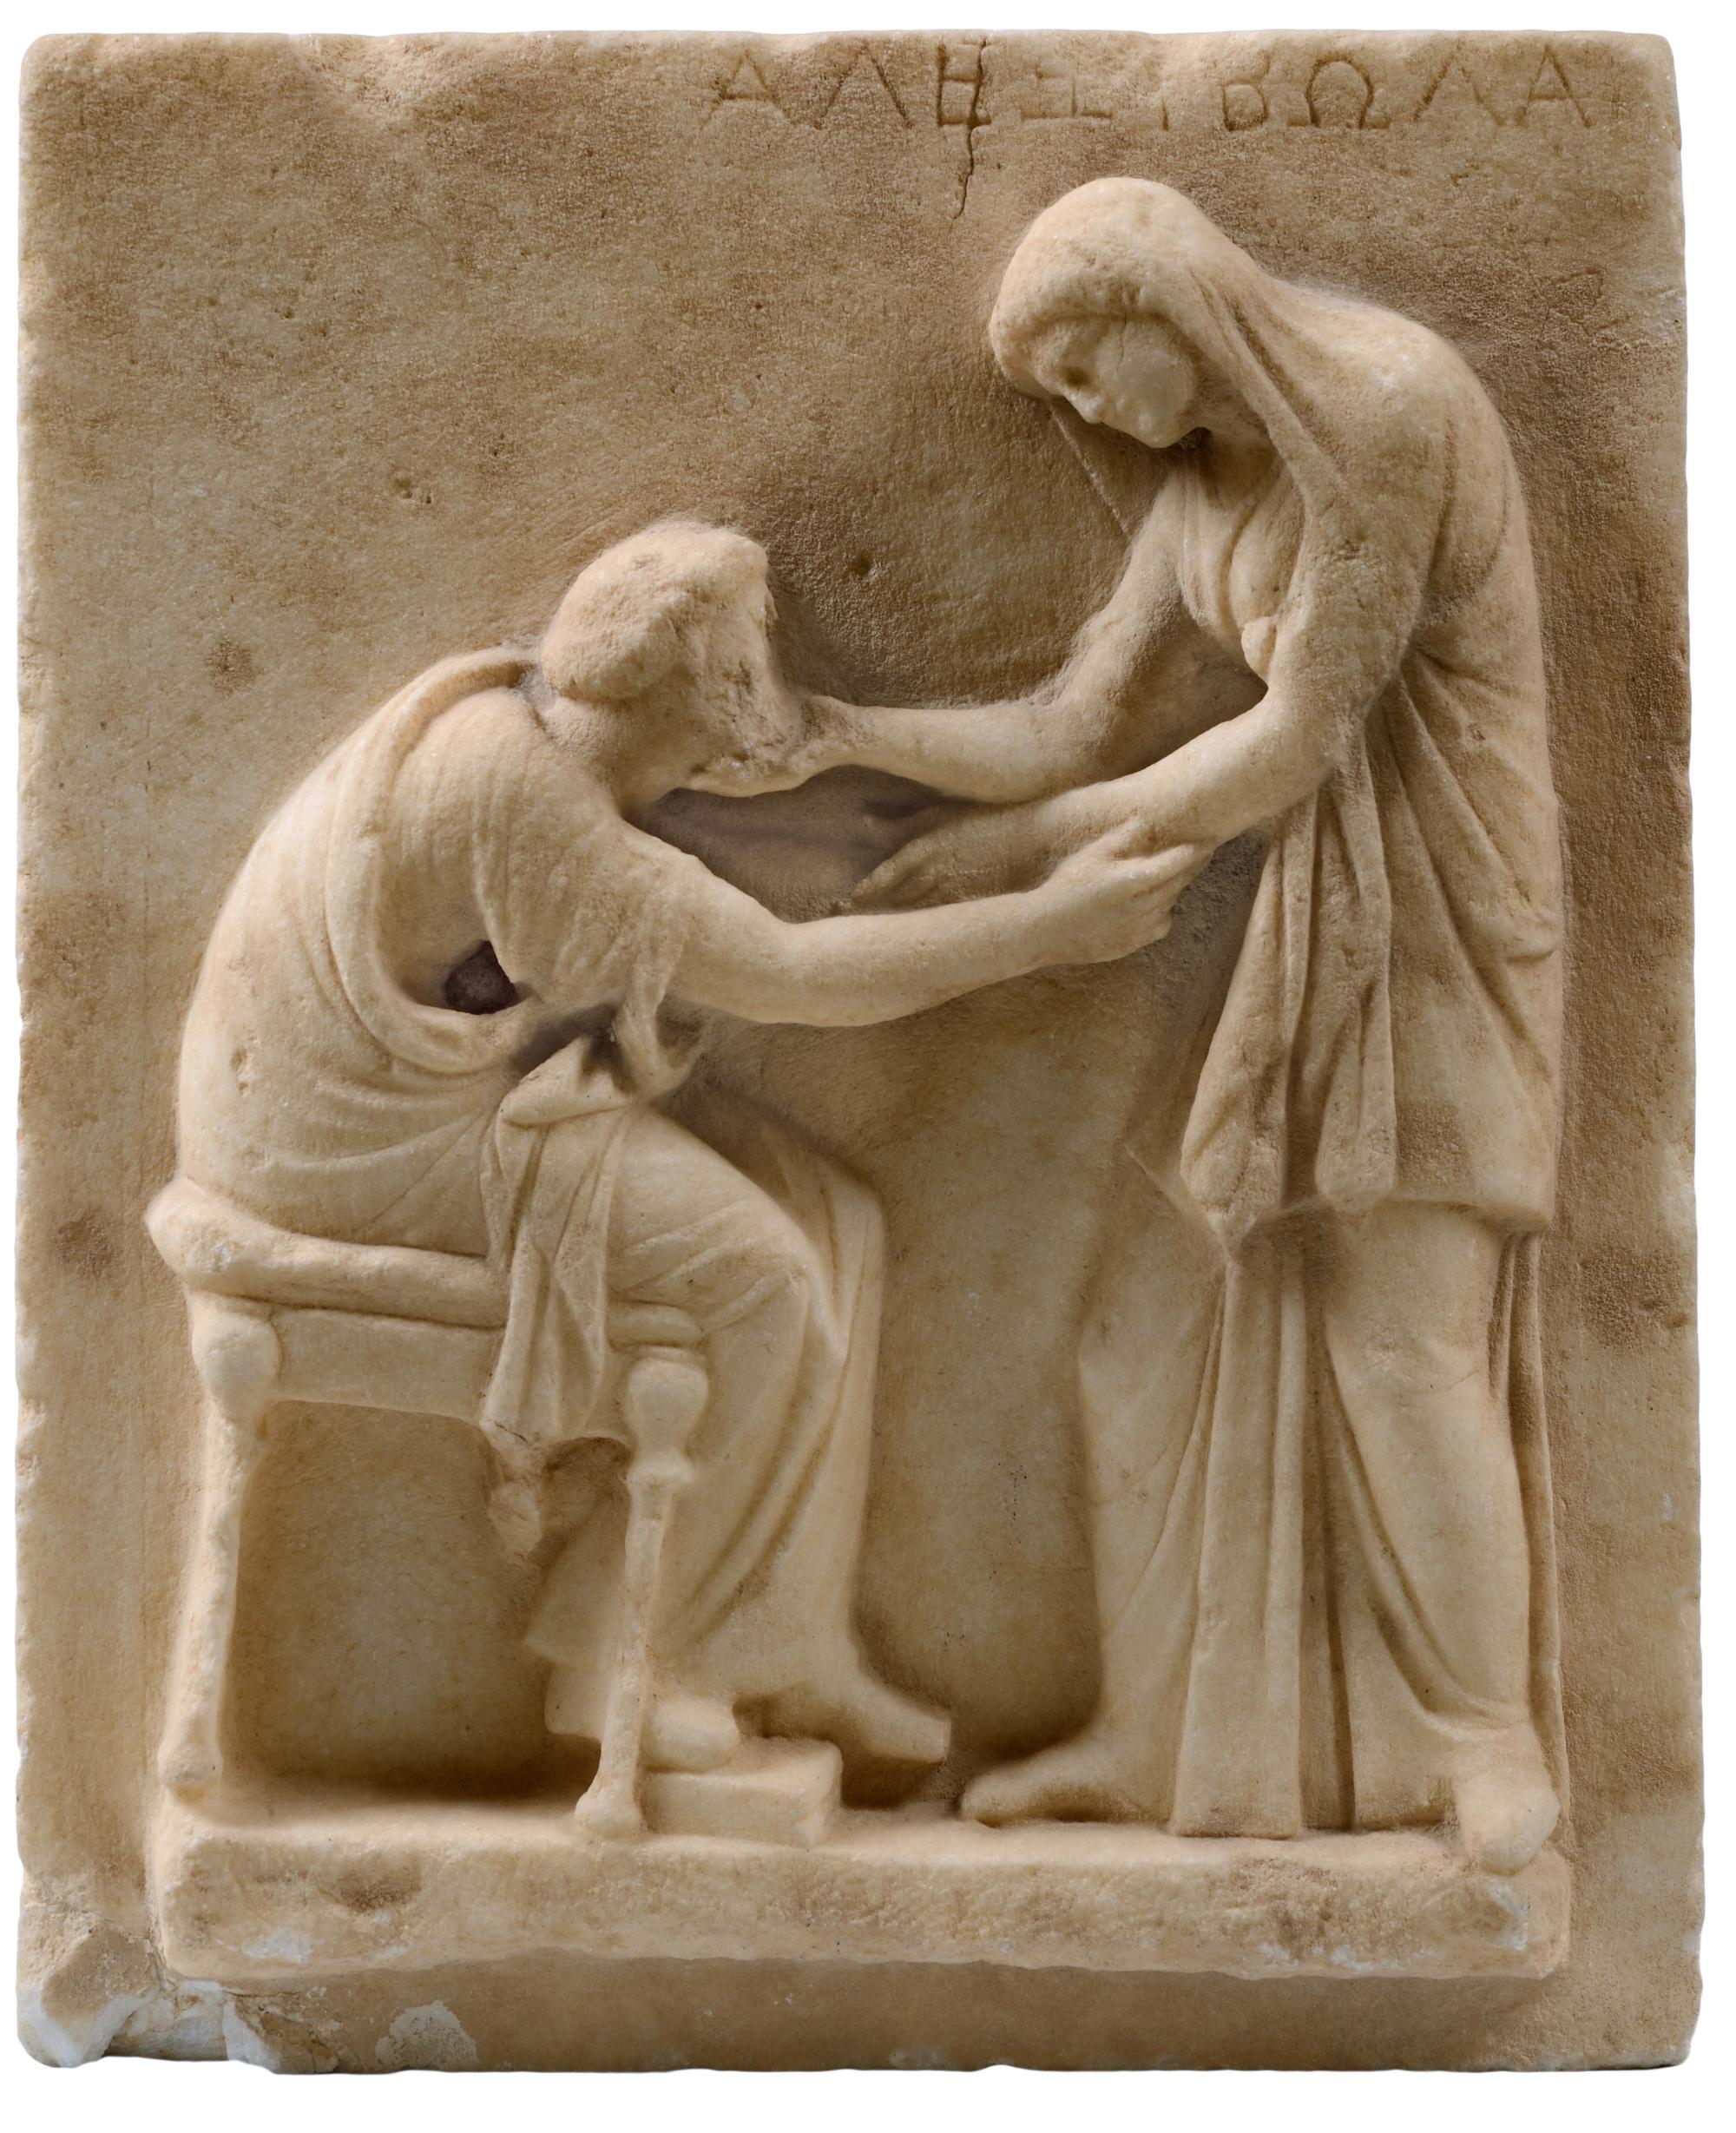 Επιτύμβια στήλη, μάρμαρο, αρχές 3ου αιώνα π.Χ., από το Νεκροταφείο της Αρχαίας Θήρας. Αρχαιολογικό Μουσείο Θήρας, 321, © Υπουργείο Πολιτισμού και Αθλητισμού-Ταμείο Αρχαιολογικών Πόρων. Φωτογραφία Κώστας Ξενικάκης